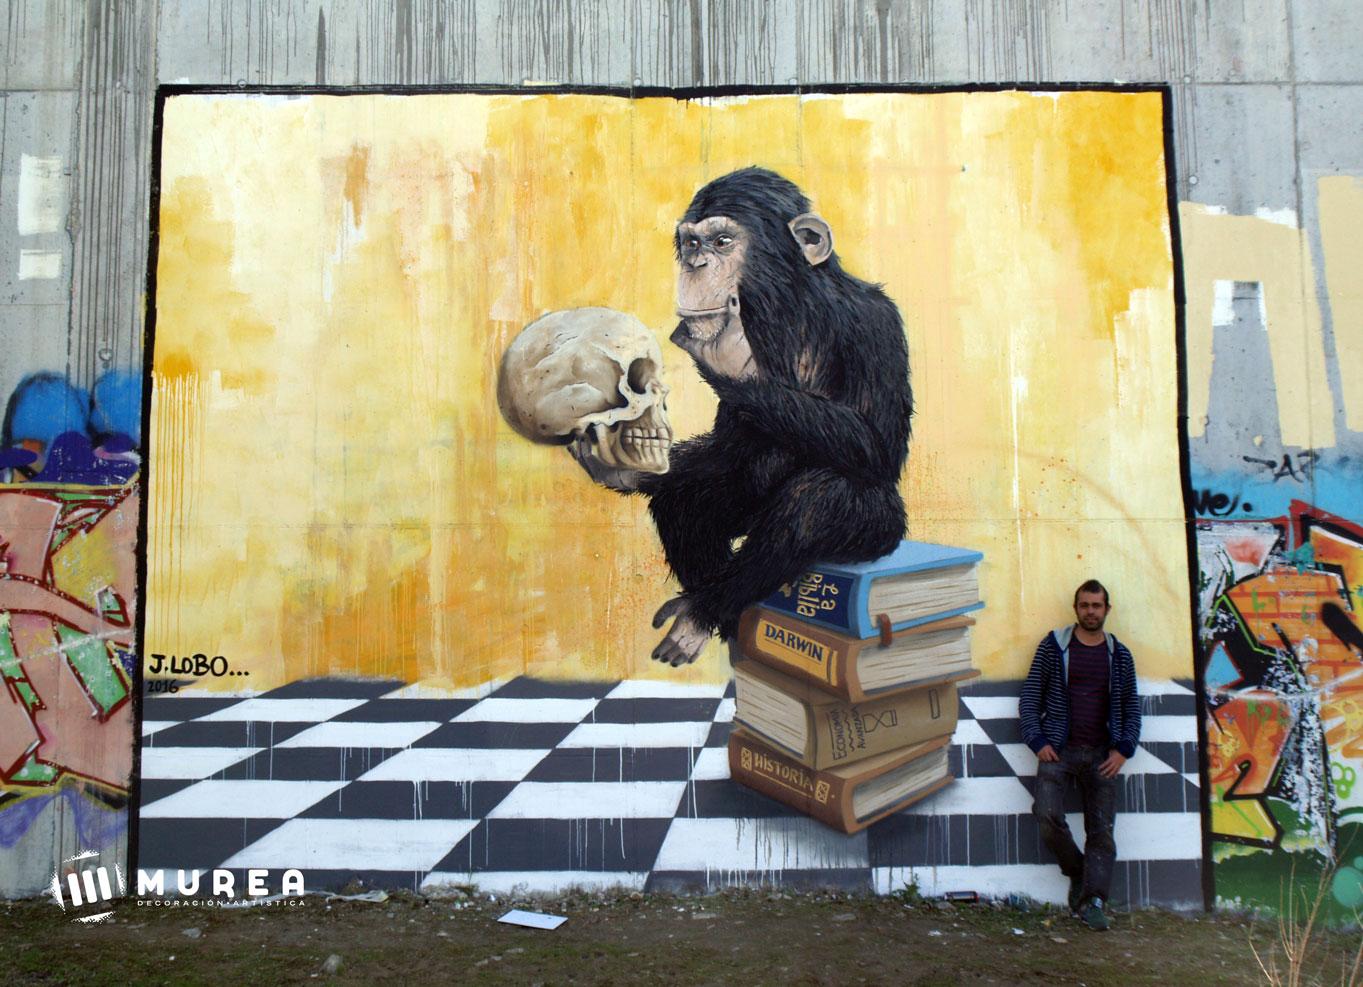 'Mono pensando' basado en la escultura de Hugo Rheinhold, mural realizado por libre, Madrid 2016.